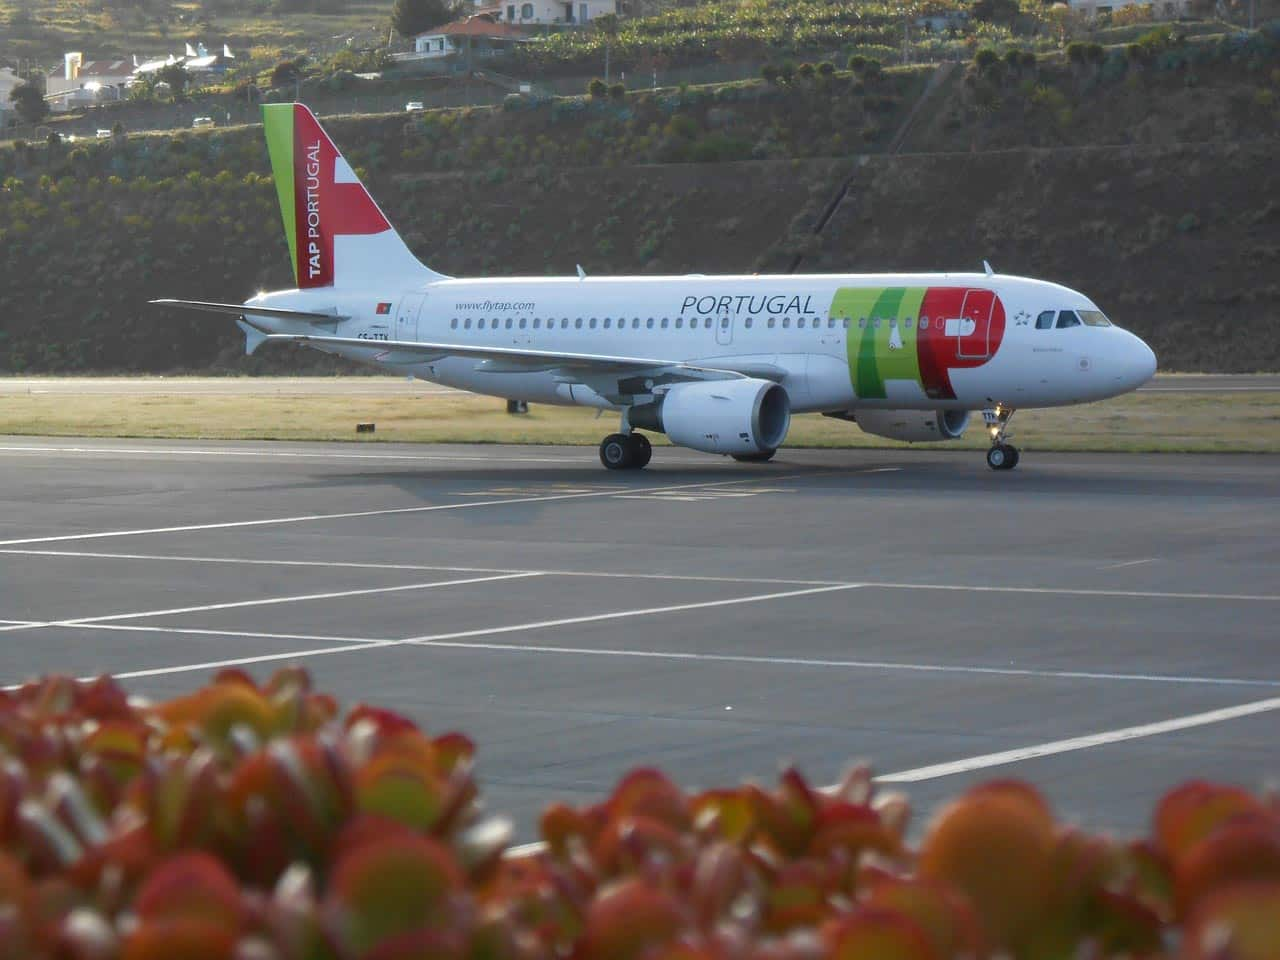 Quanto custa uma viagem para Portugal?